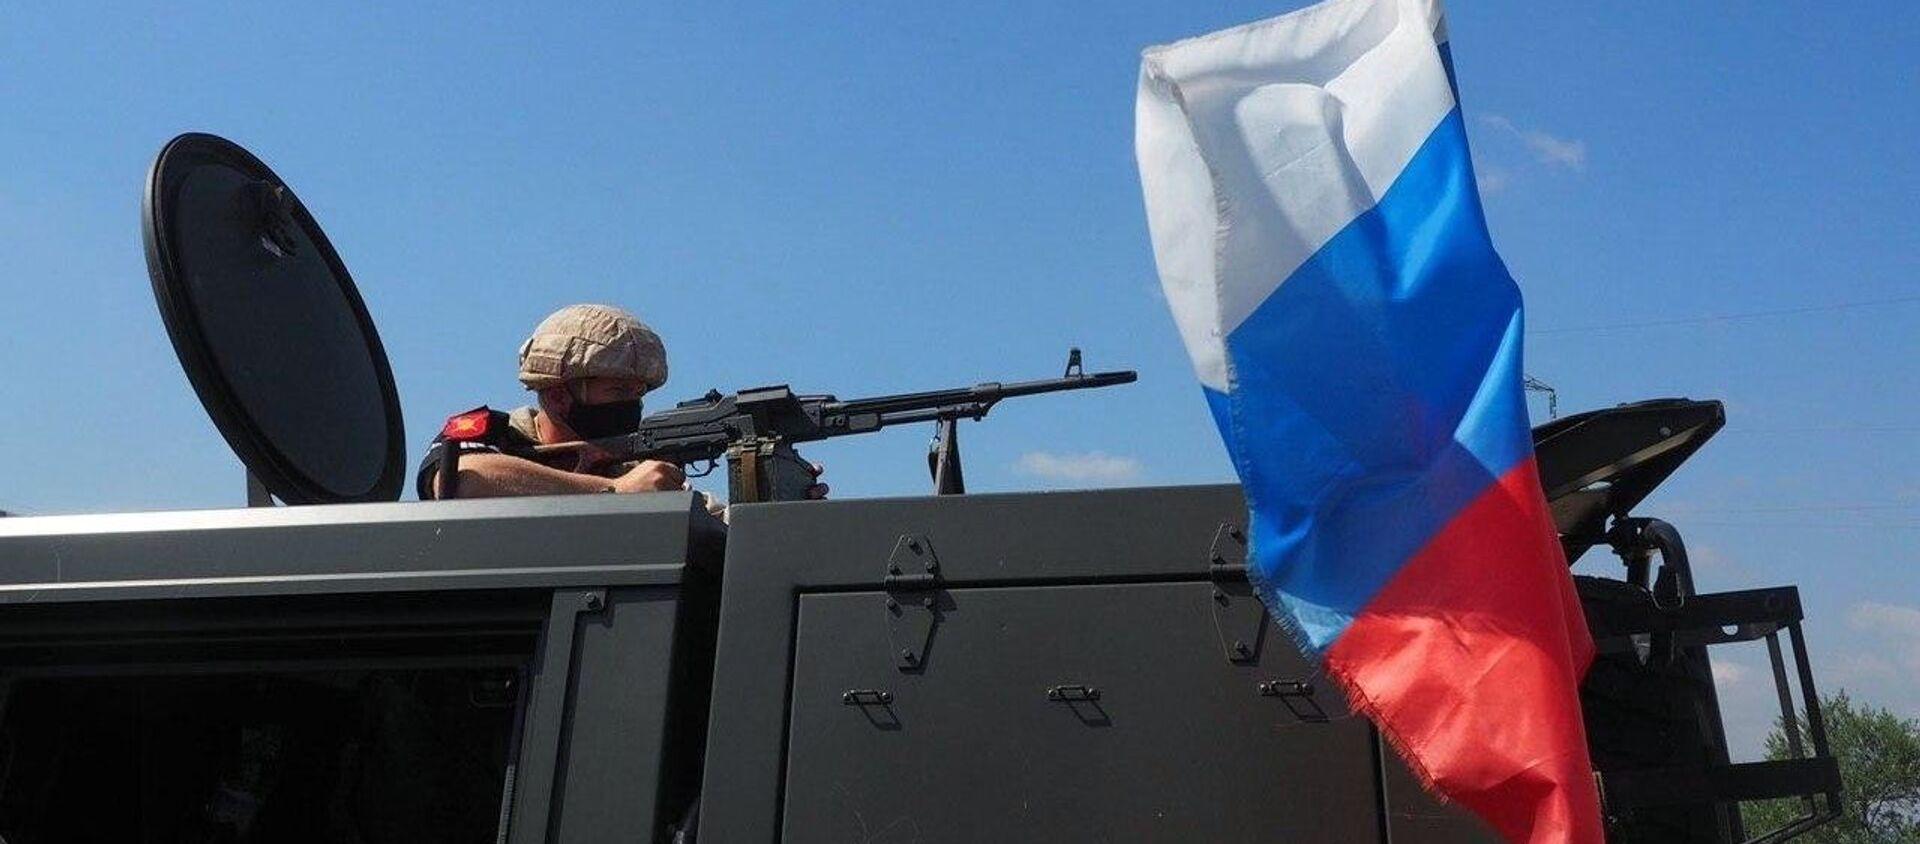 Россия и Турция провели совместное патрулирование в Сирии - Sputnik Абхазия, 1920, 24.03.2021